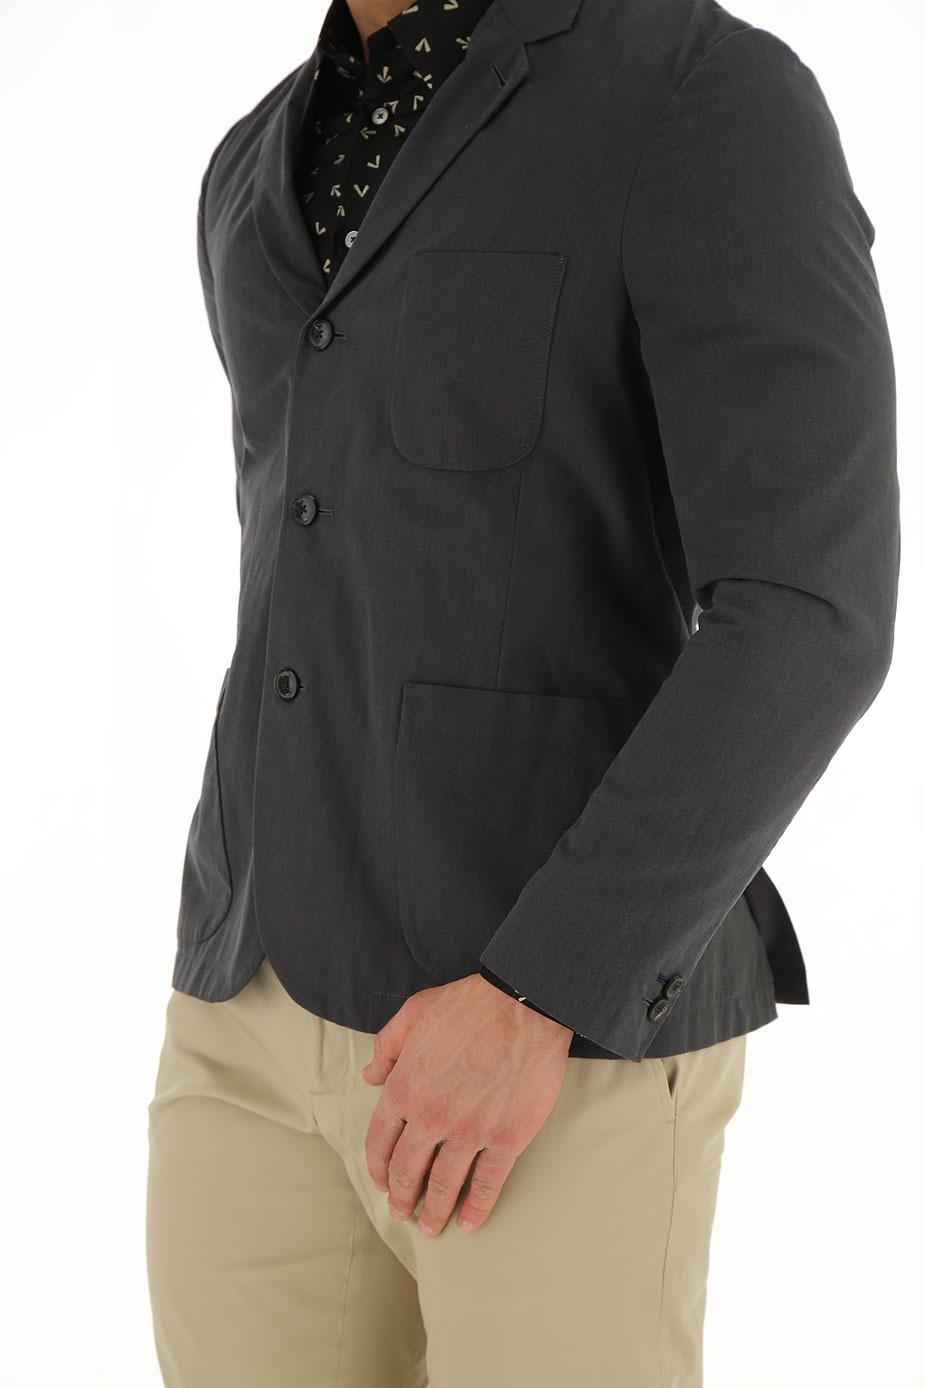 Abbigliamento Uomo Paul Smith, Codice Articolo: jhcj-213m-117